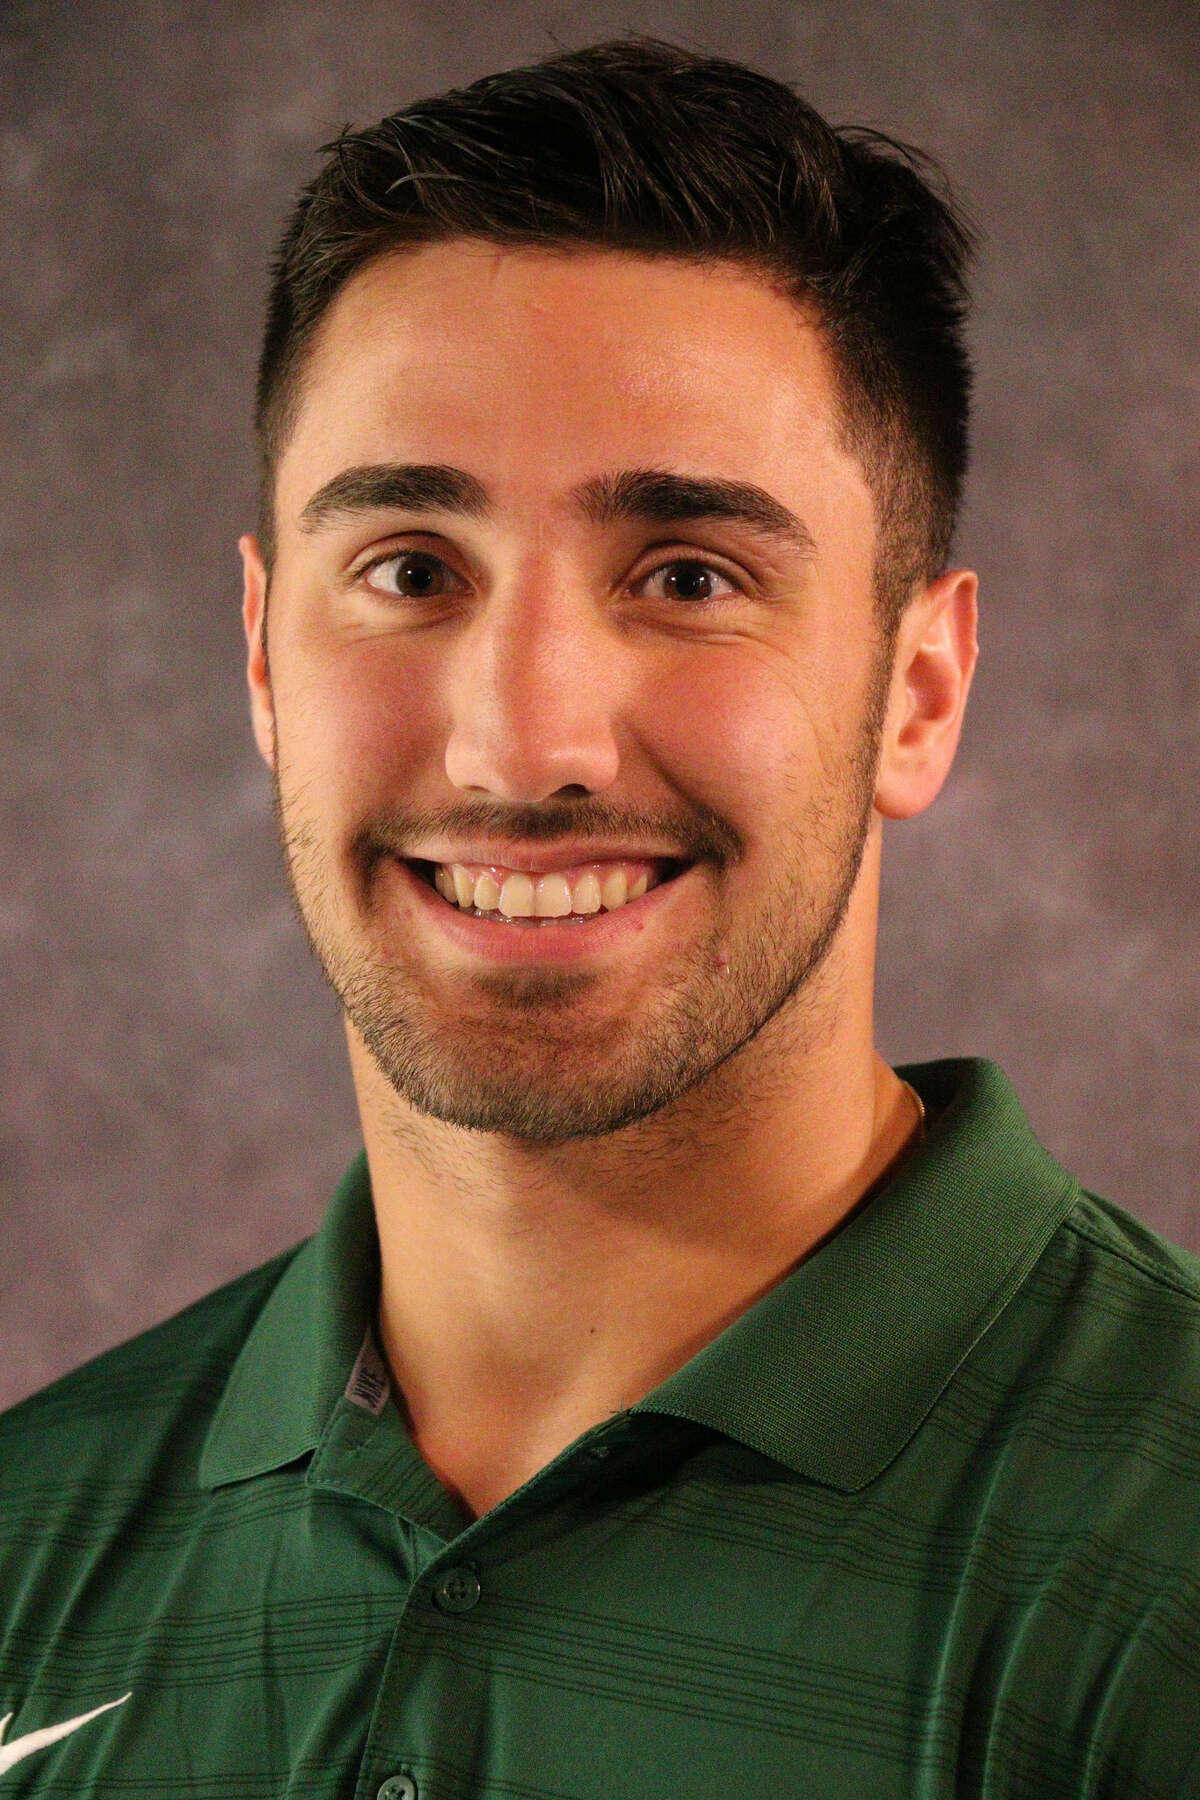 La Salle graduate Joe Germinerio of the Brockport football team. (Courtesy of Brockport)